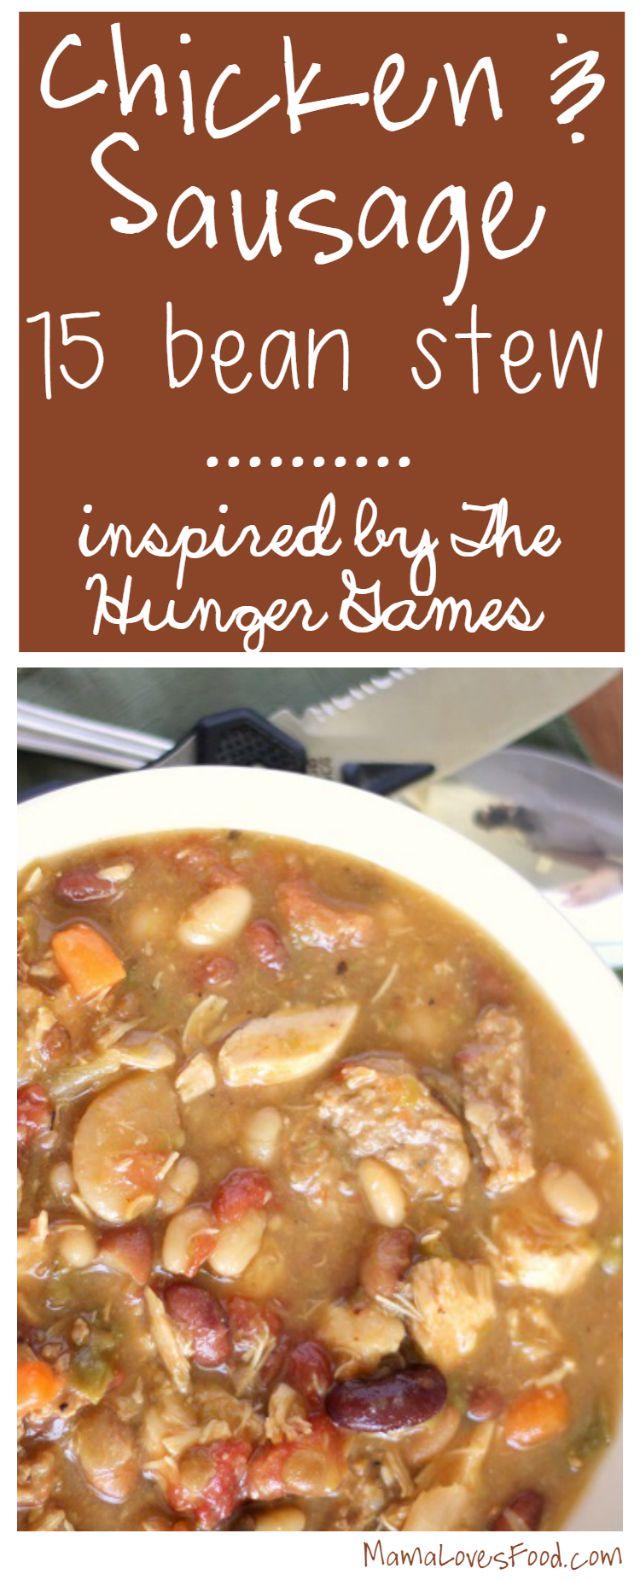 Hunger Games Hob Stew.  {Chicken & Sausage Stew}